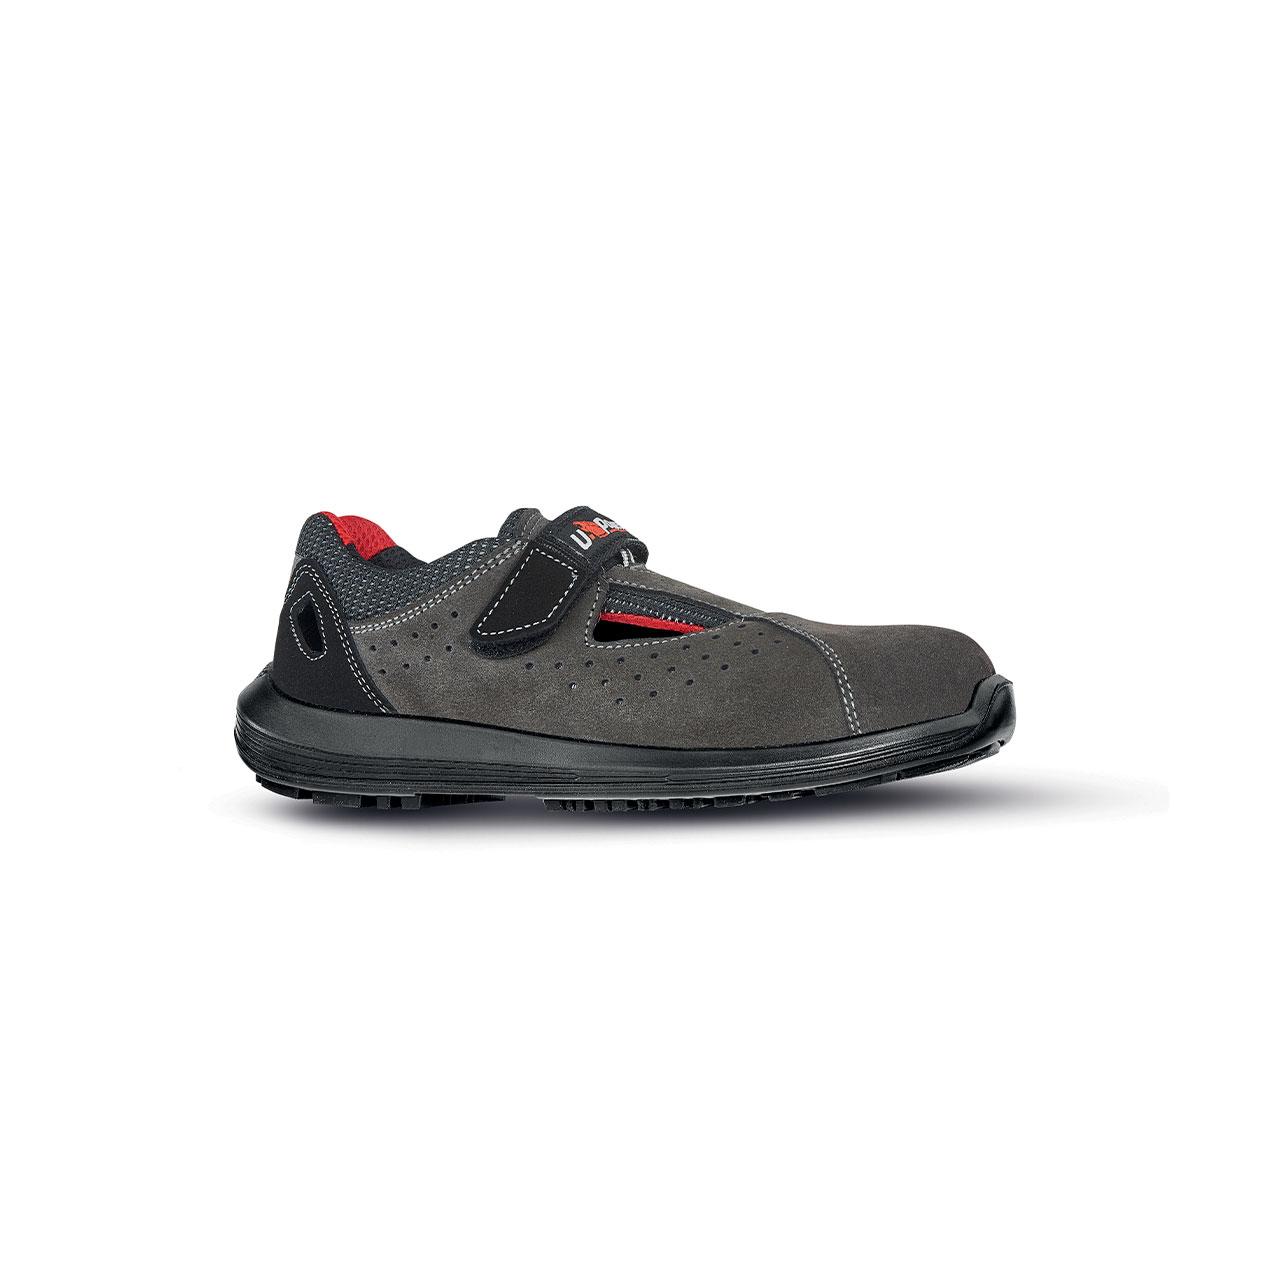 scarpa antinfortunistica upower modello lightone linea rock_roll vista laterale